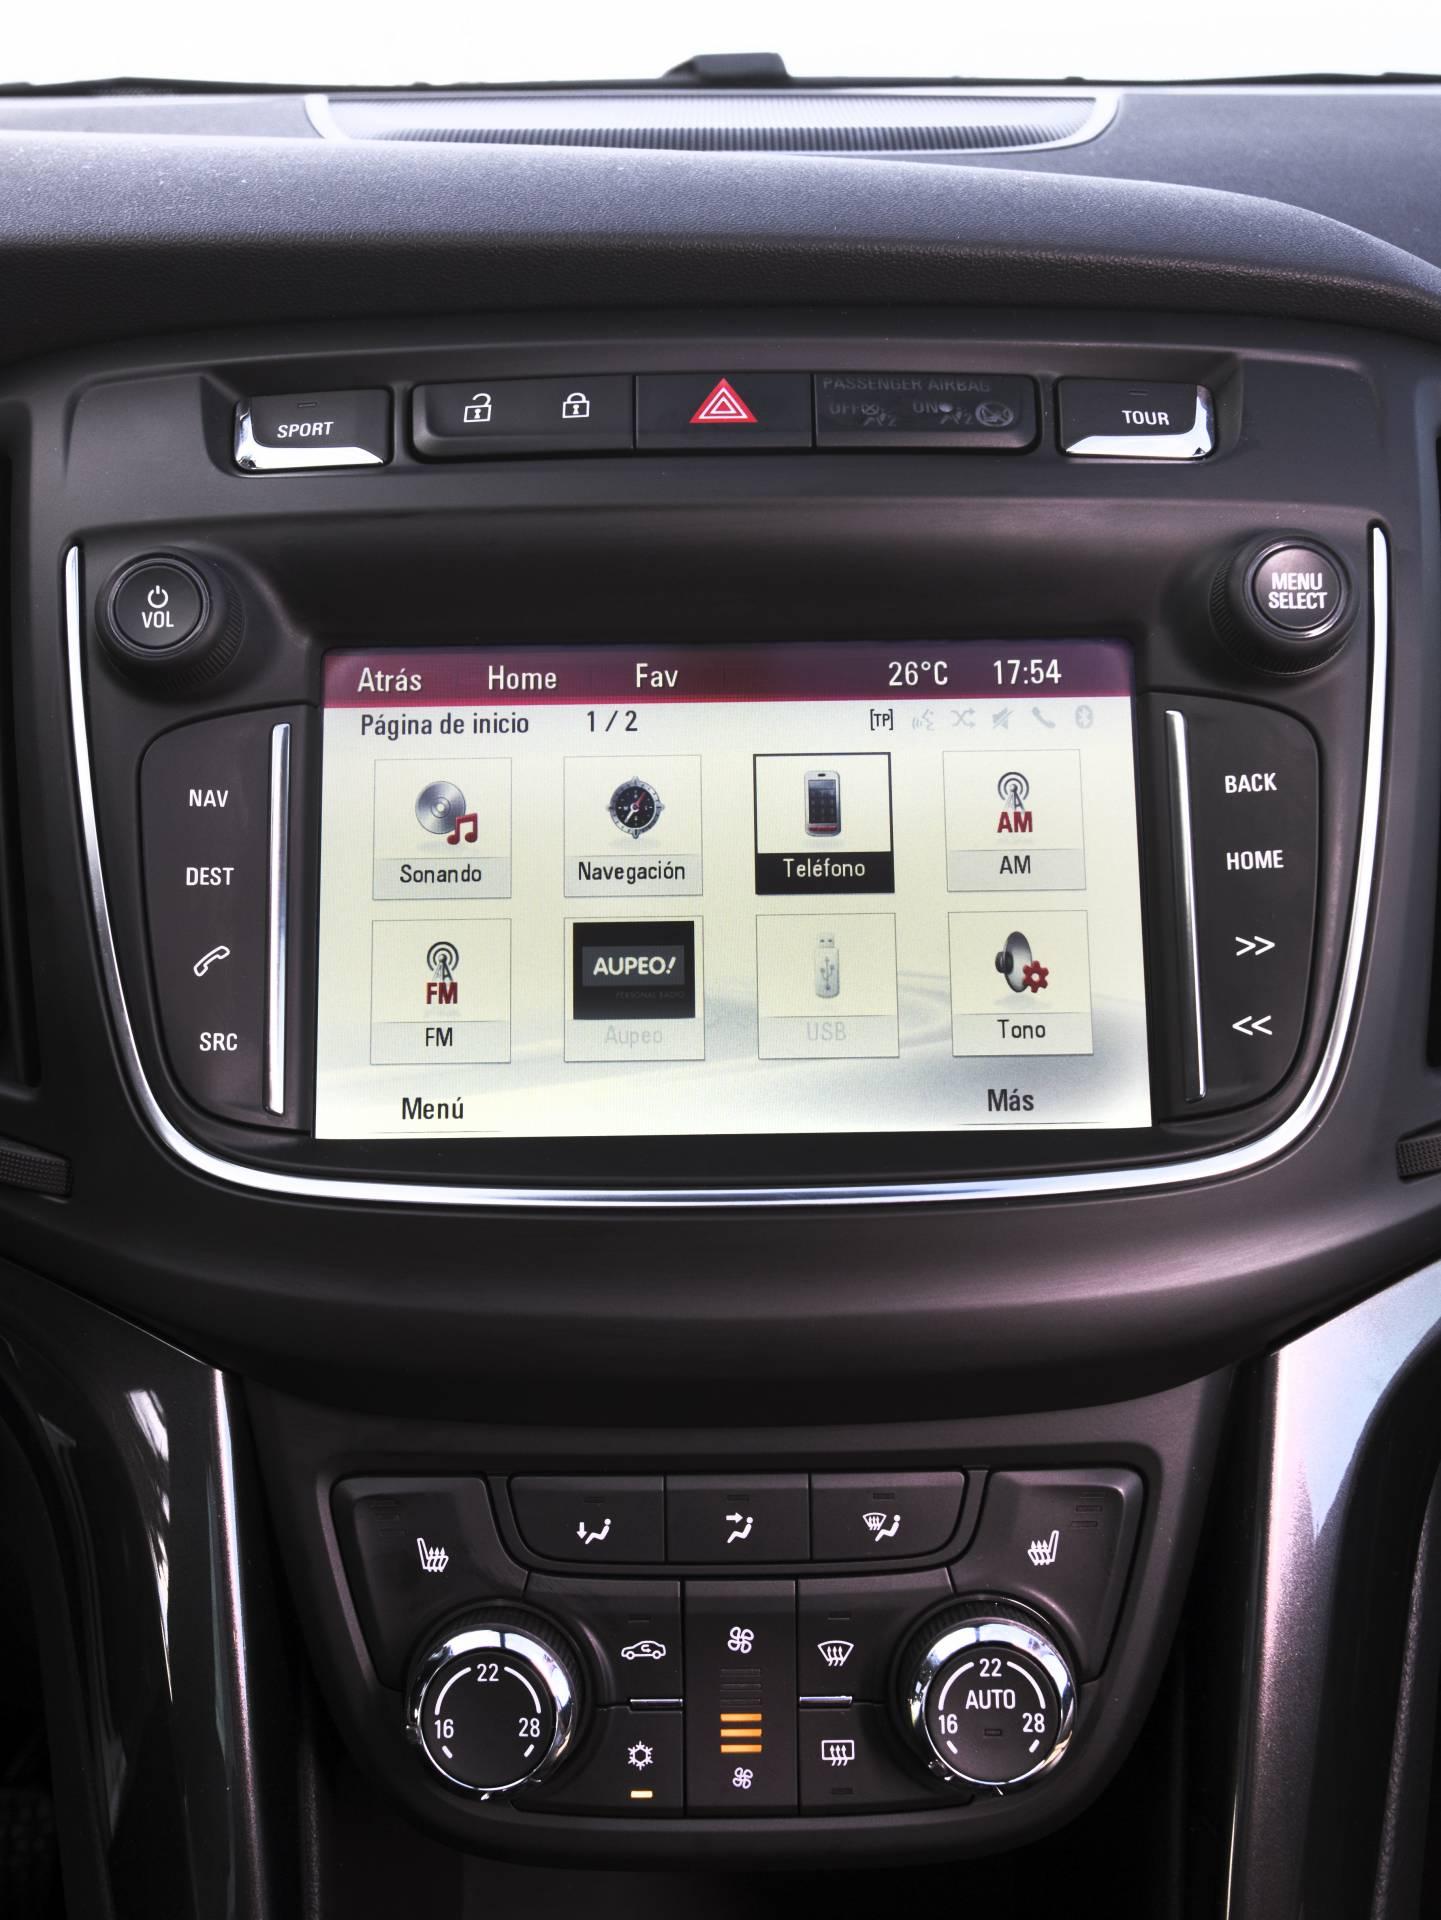 El sistema multimedia IntelliLink con pantalla táctil de 7 pulgadas del Zafira es compatible con las tecnologías Apple Car Play y Android Auto.